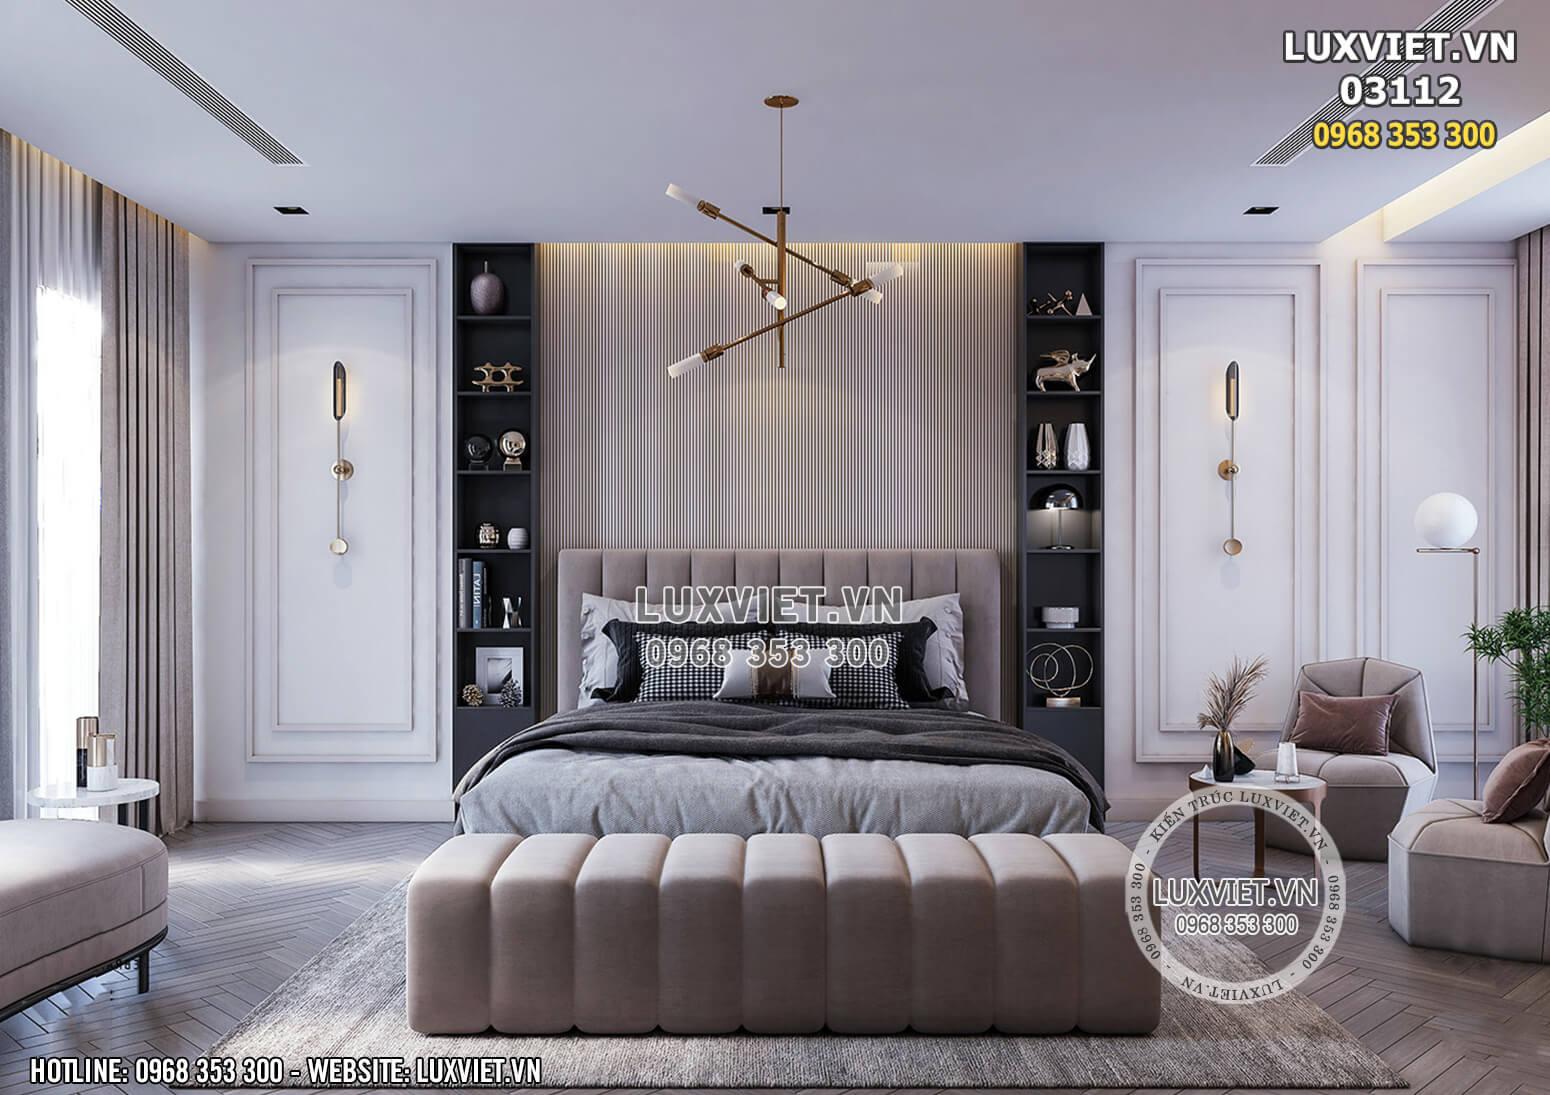 Hình ảnh: Không gian nội thất phòng ngủ Master đẹp dành cho căn chung cư - 03112